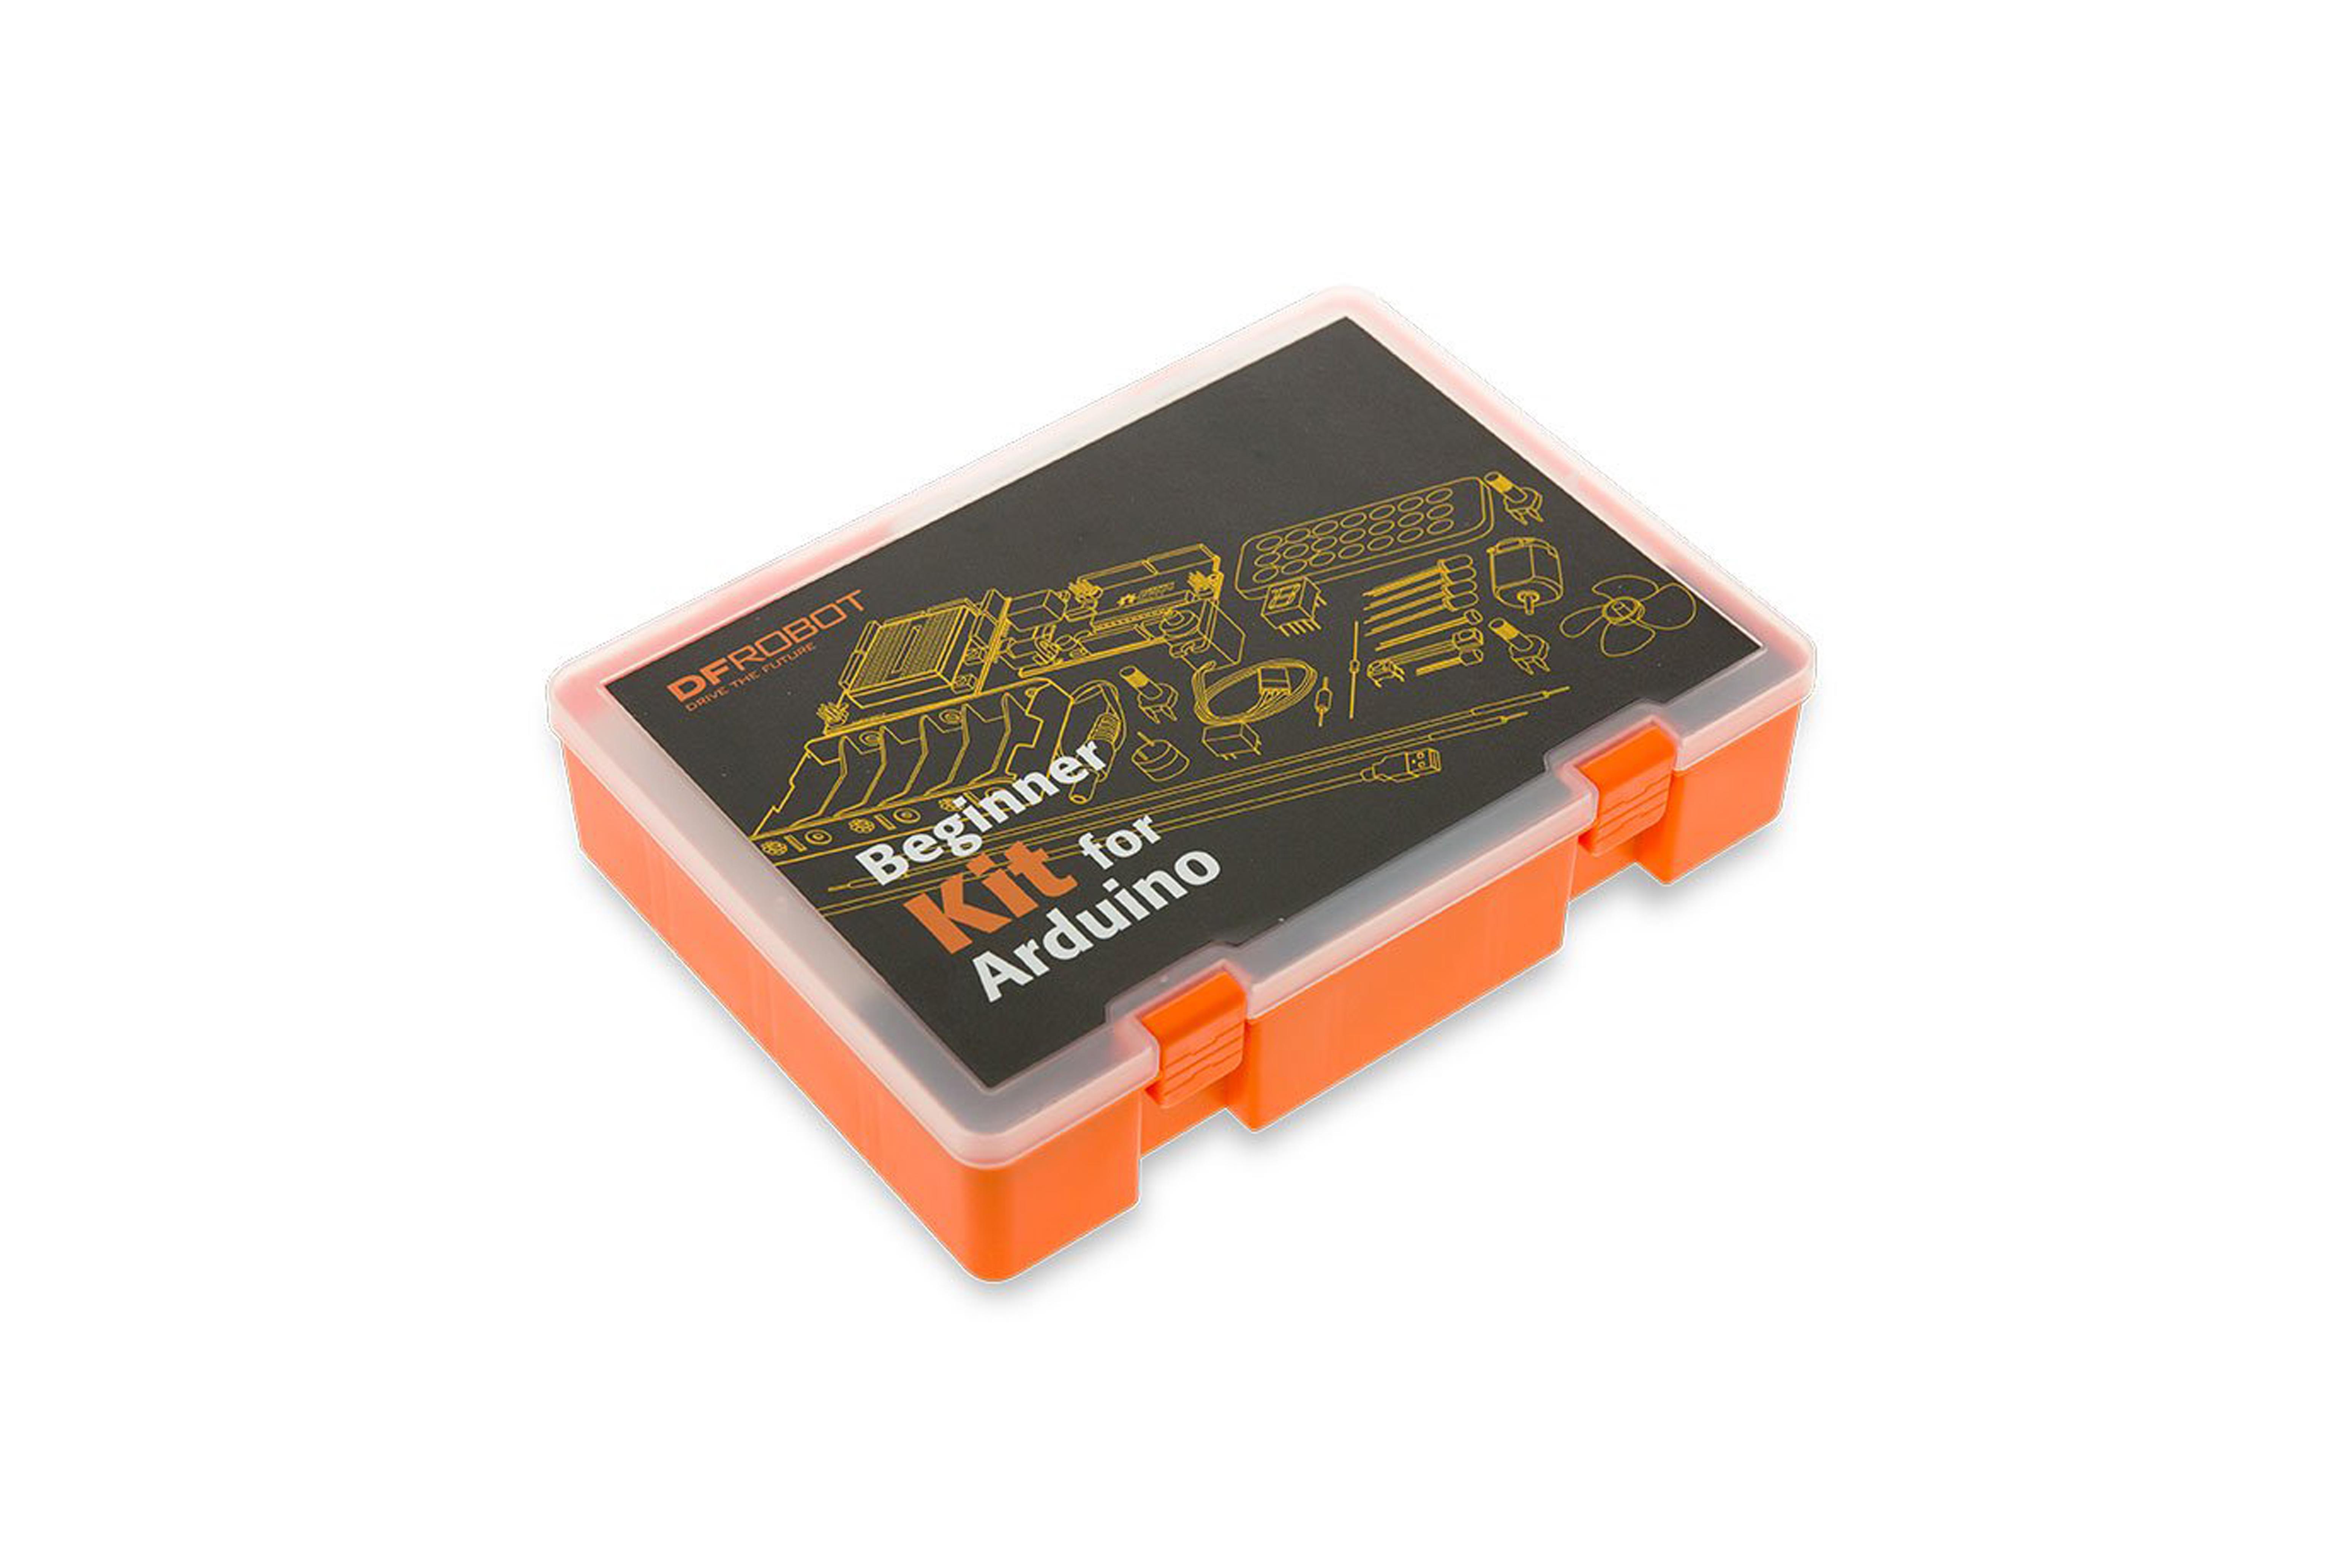 Arduino-Set für Einsteigerinkl.DFRduino Uno R3